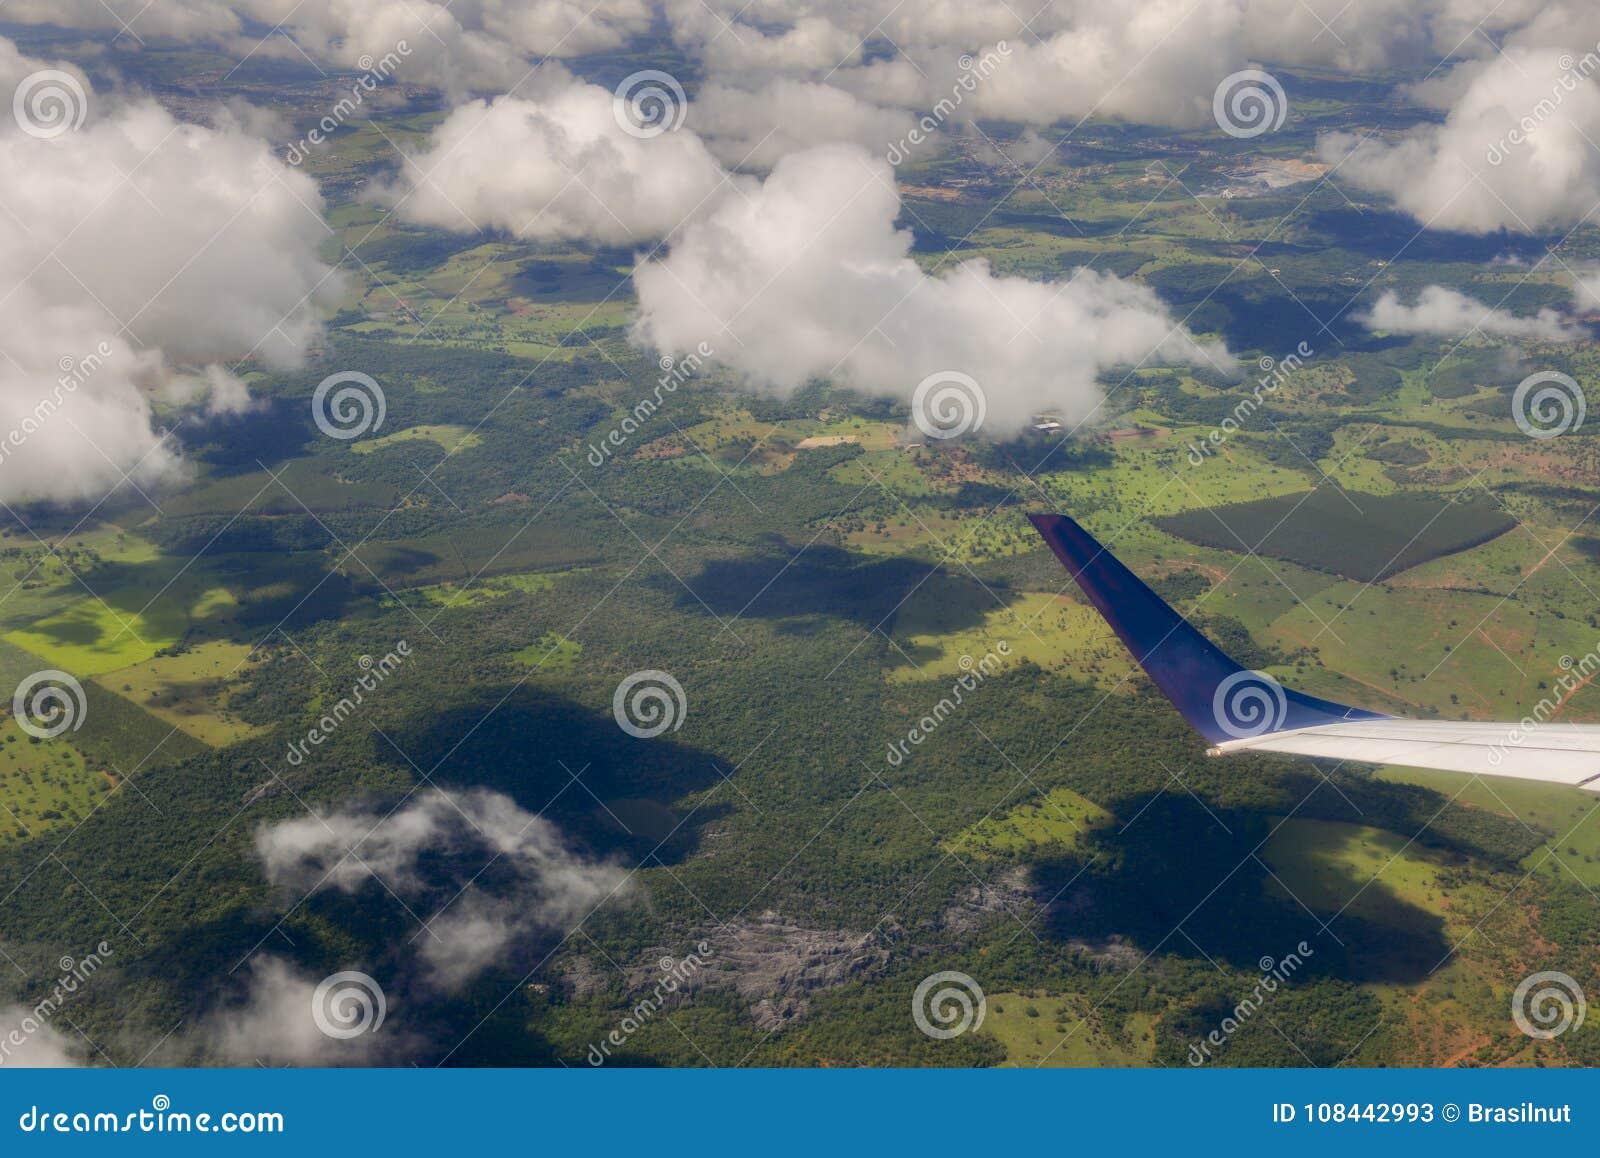 Samolotowy pasażerski widok patrzeje terenoznawstwo minas gerais